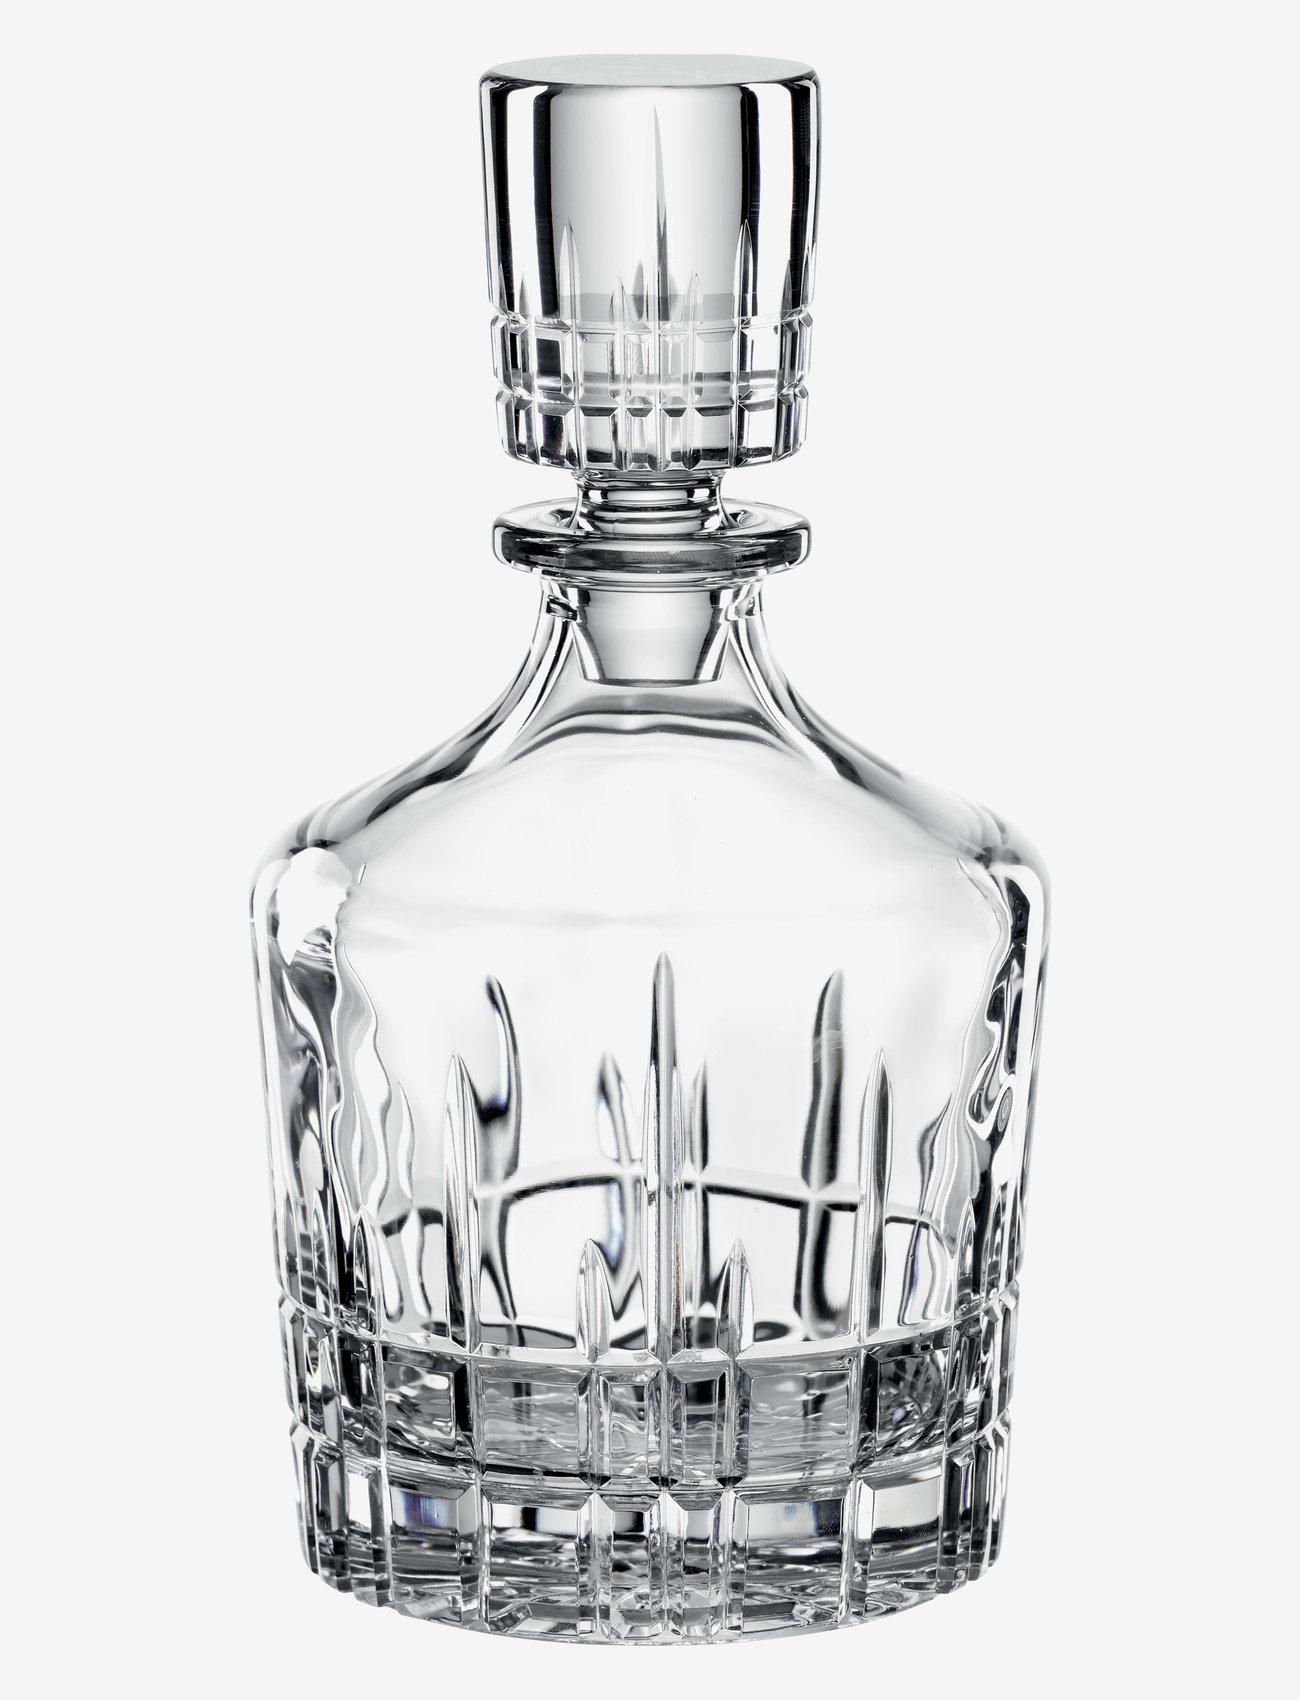 Spiegelau - Perfect Serve Coll. Whisky Karaff 0,75 l - viinikarahvit - clear glass - 0